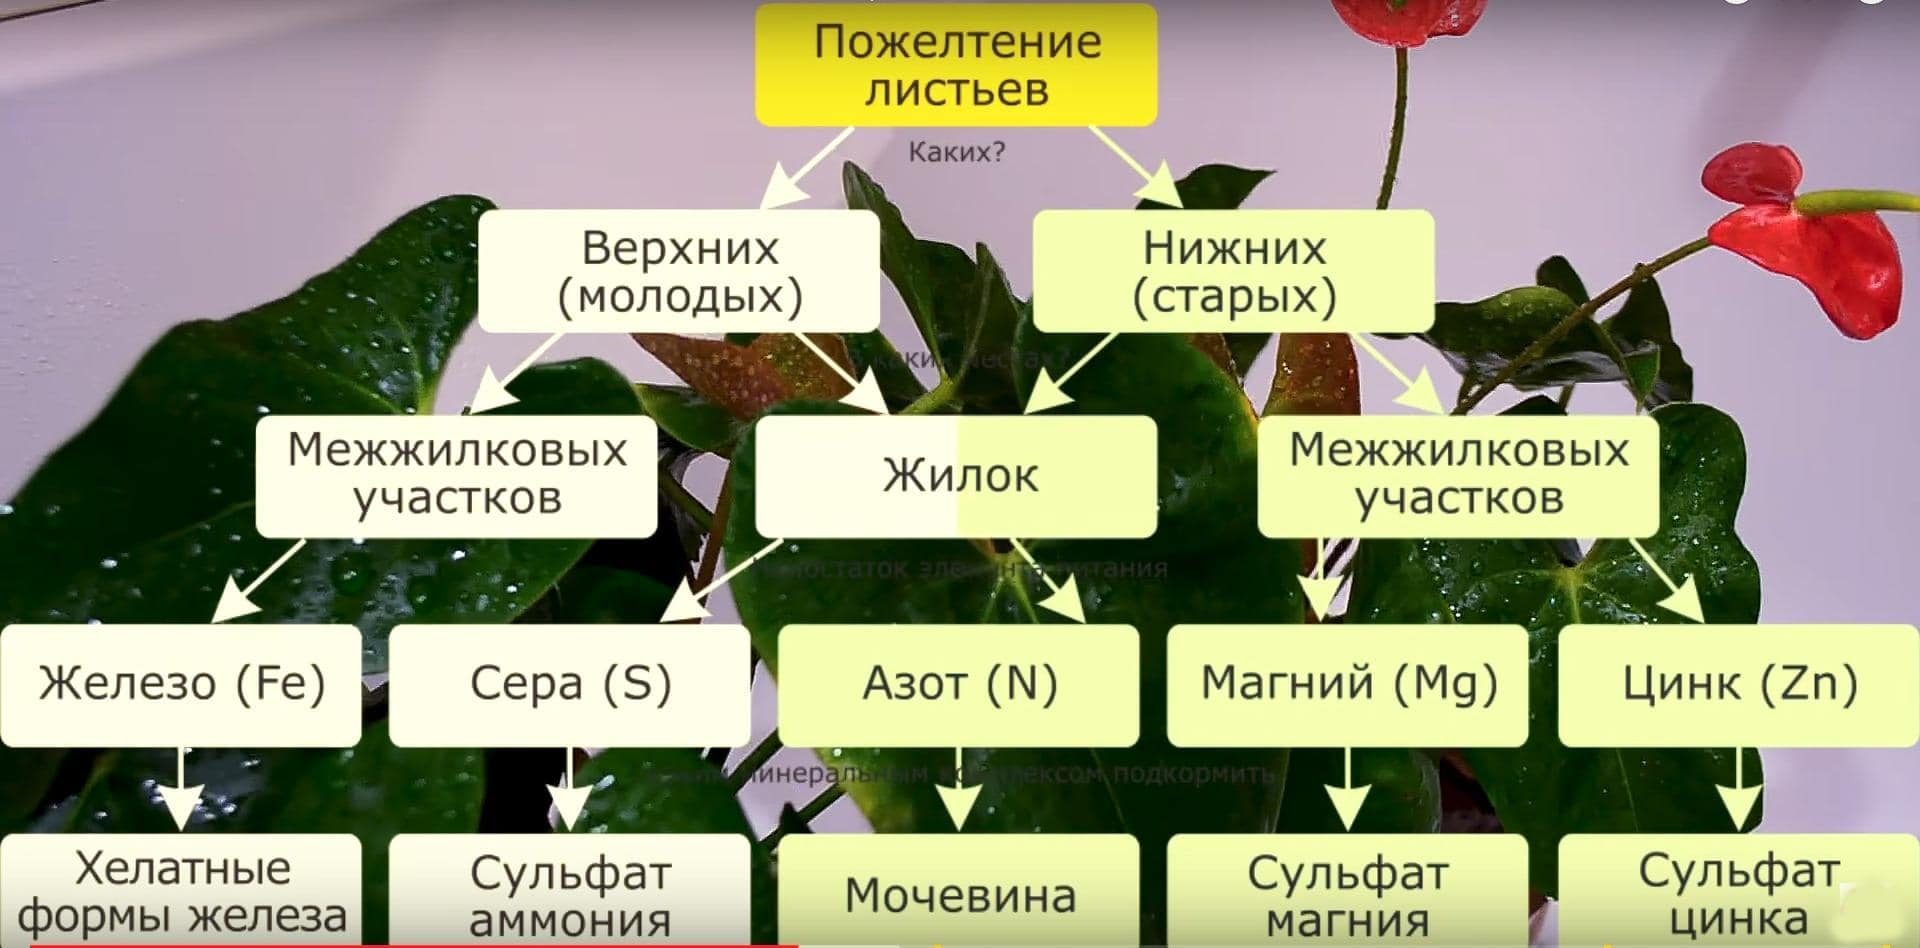 Схема нехватки питательных веществ Антуриума